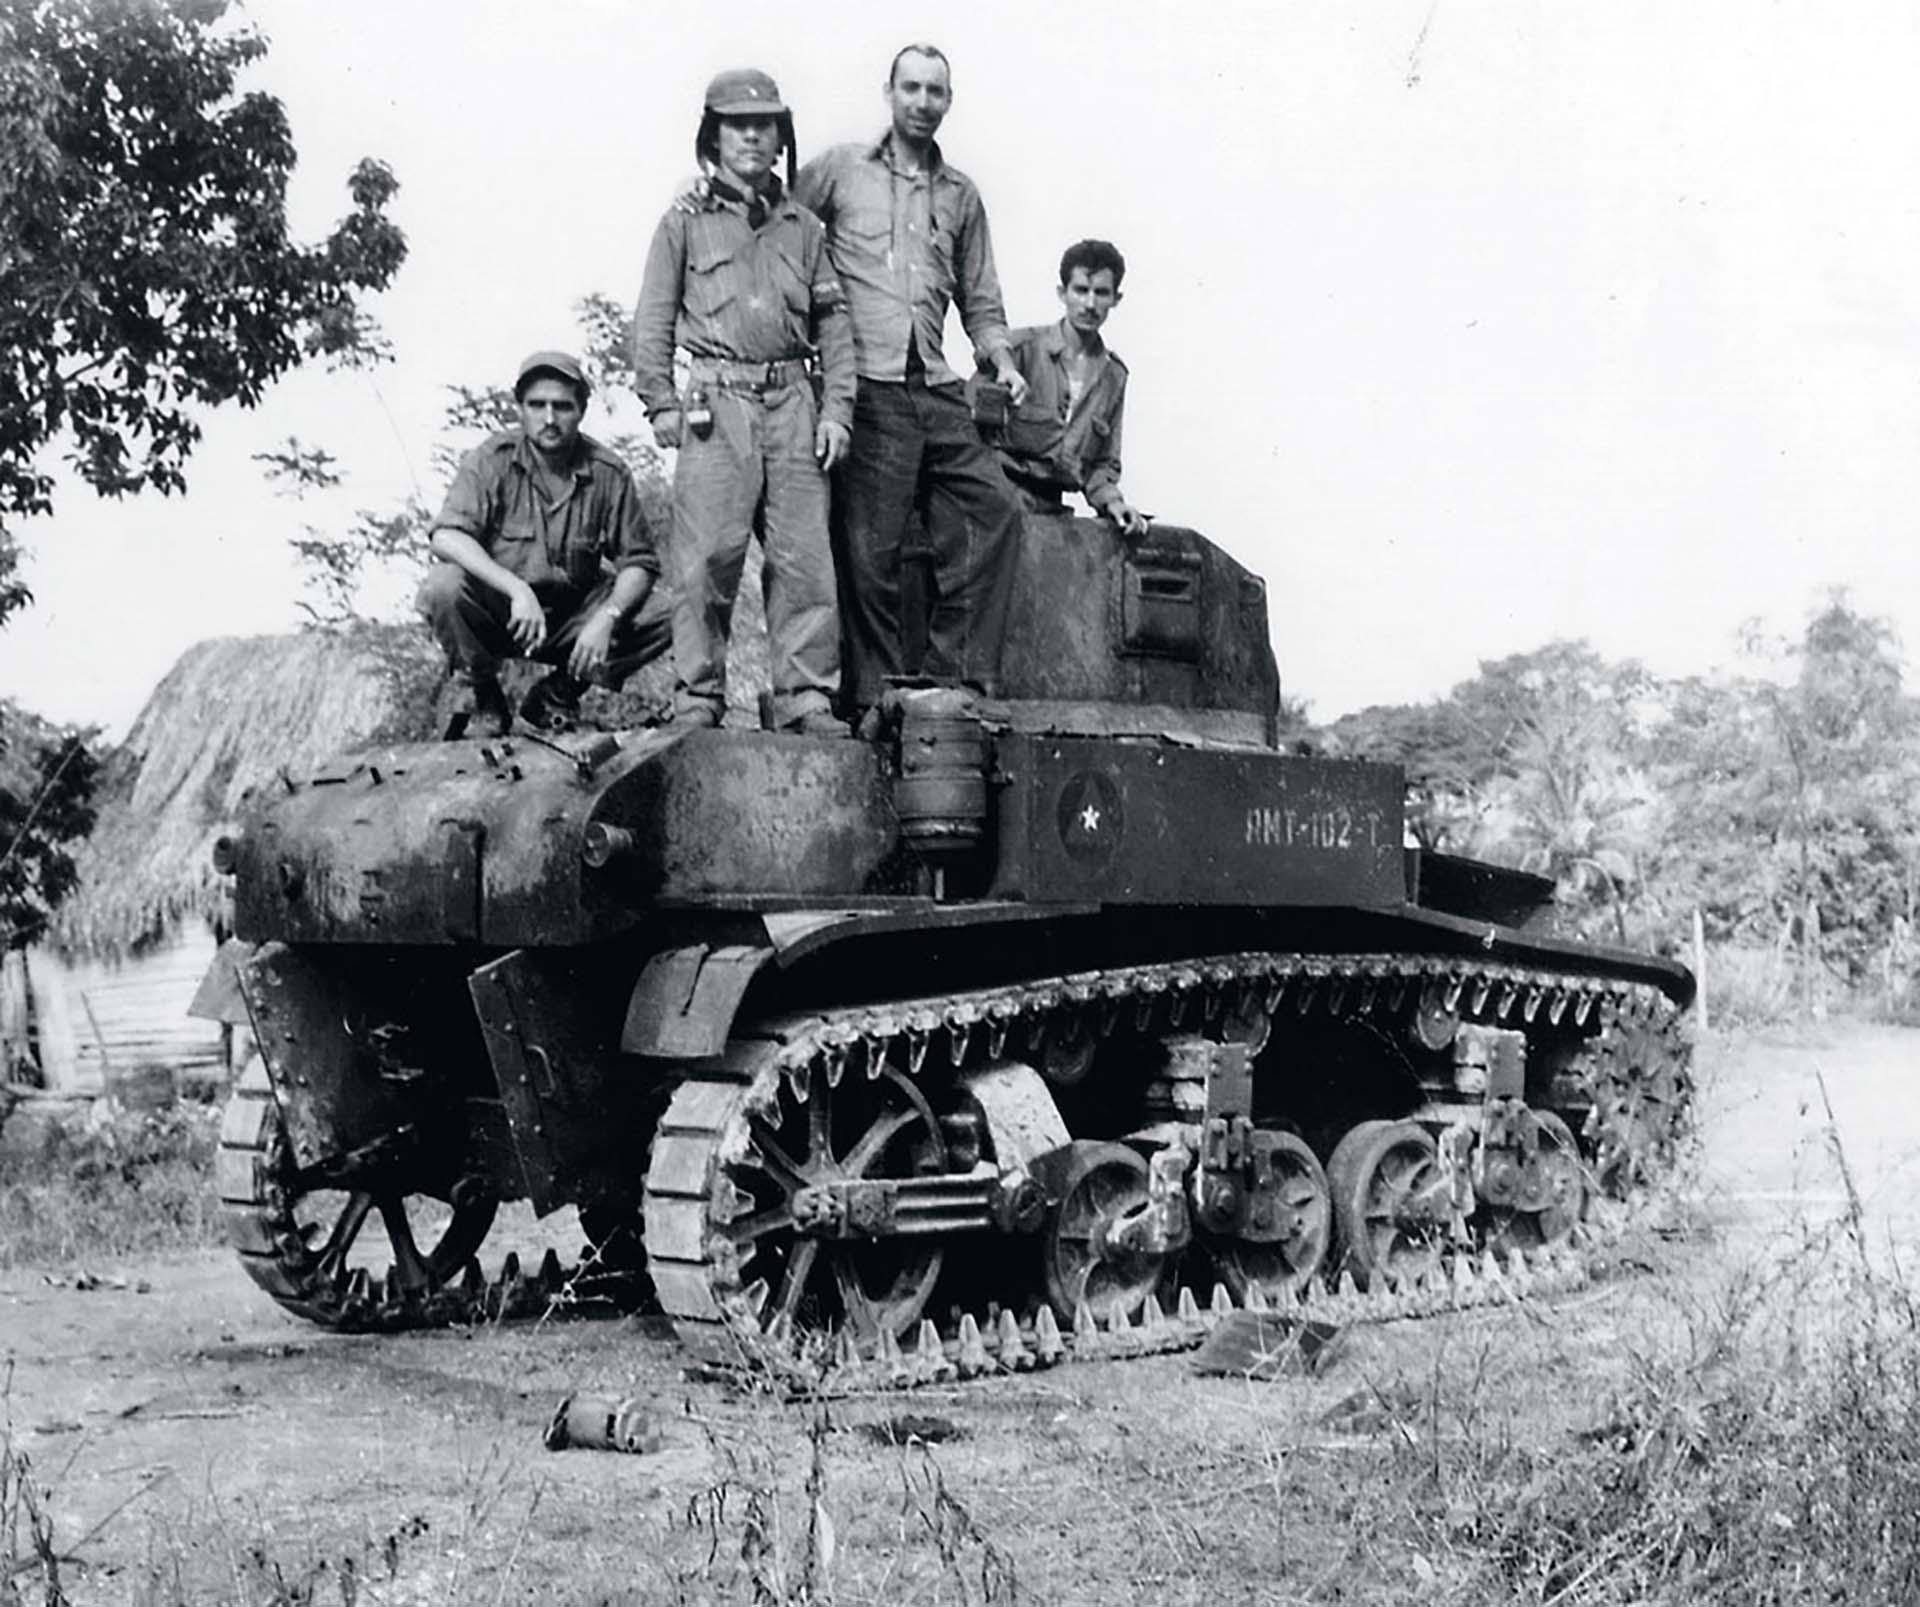 Un grupo de guerrilleros posa sobre una tanqueta artesanal en la Sierra Maestra poco antes del ataque final para derrocar al gobierno de Fulgencio Batista.